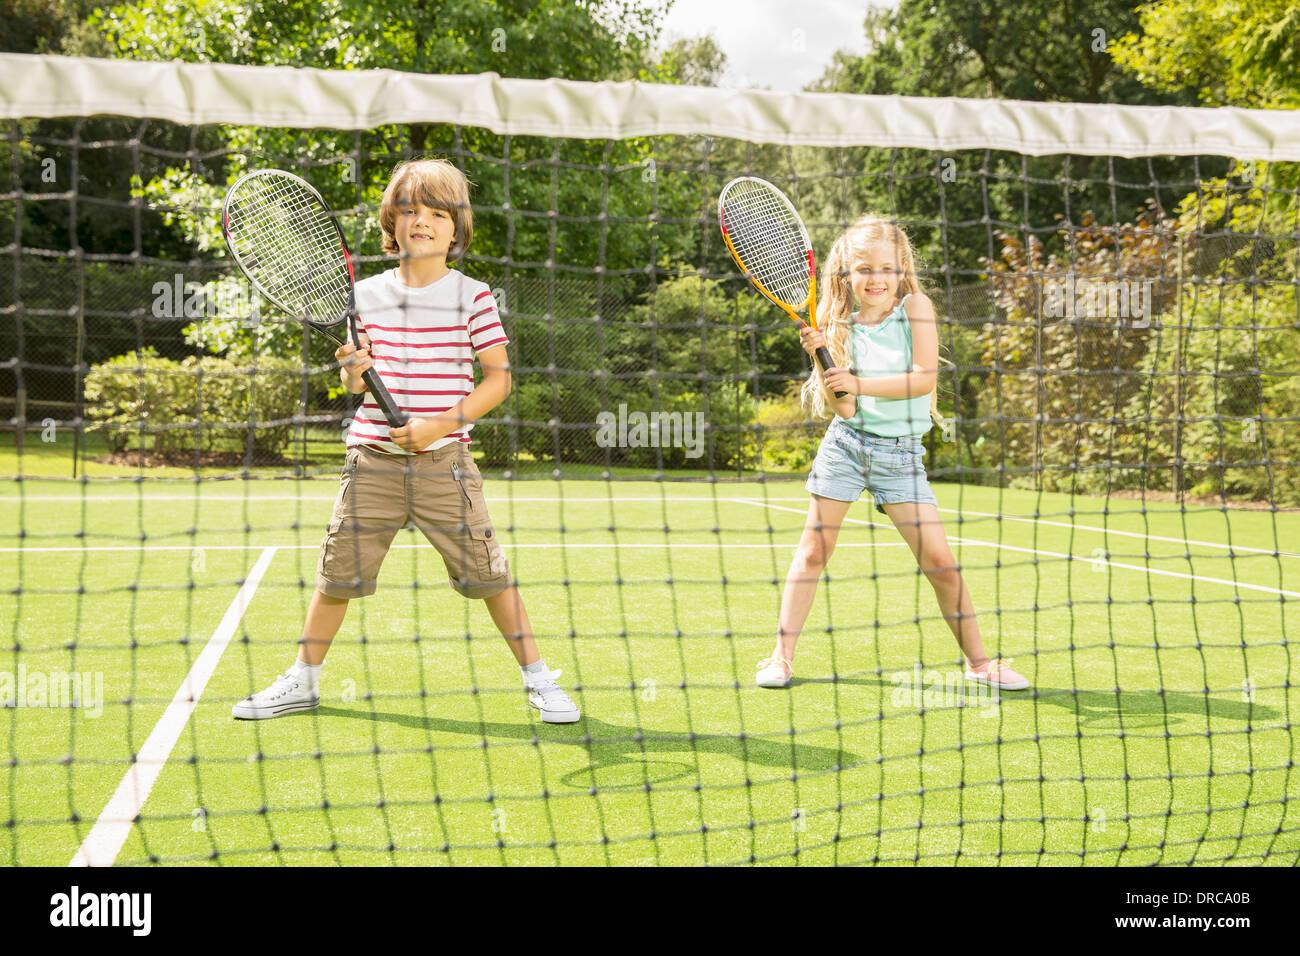 Niños jugando al tenis sobre hierba corte Imagen De Stock